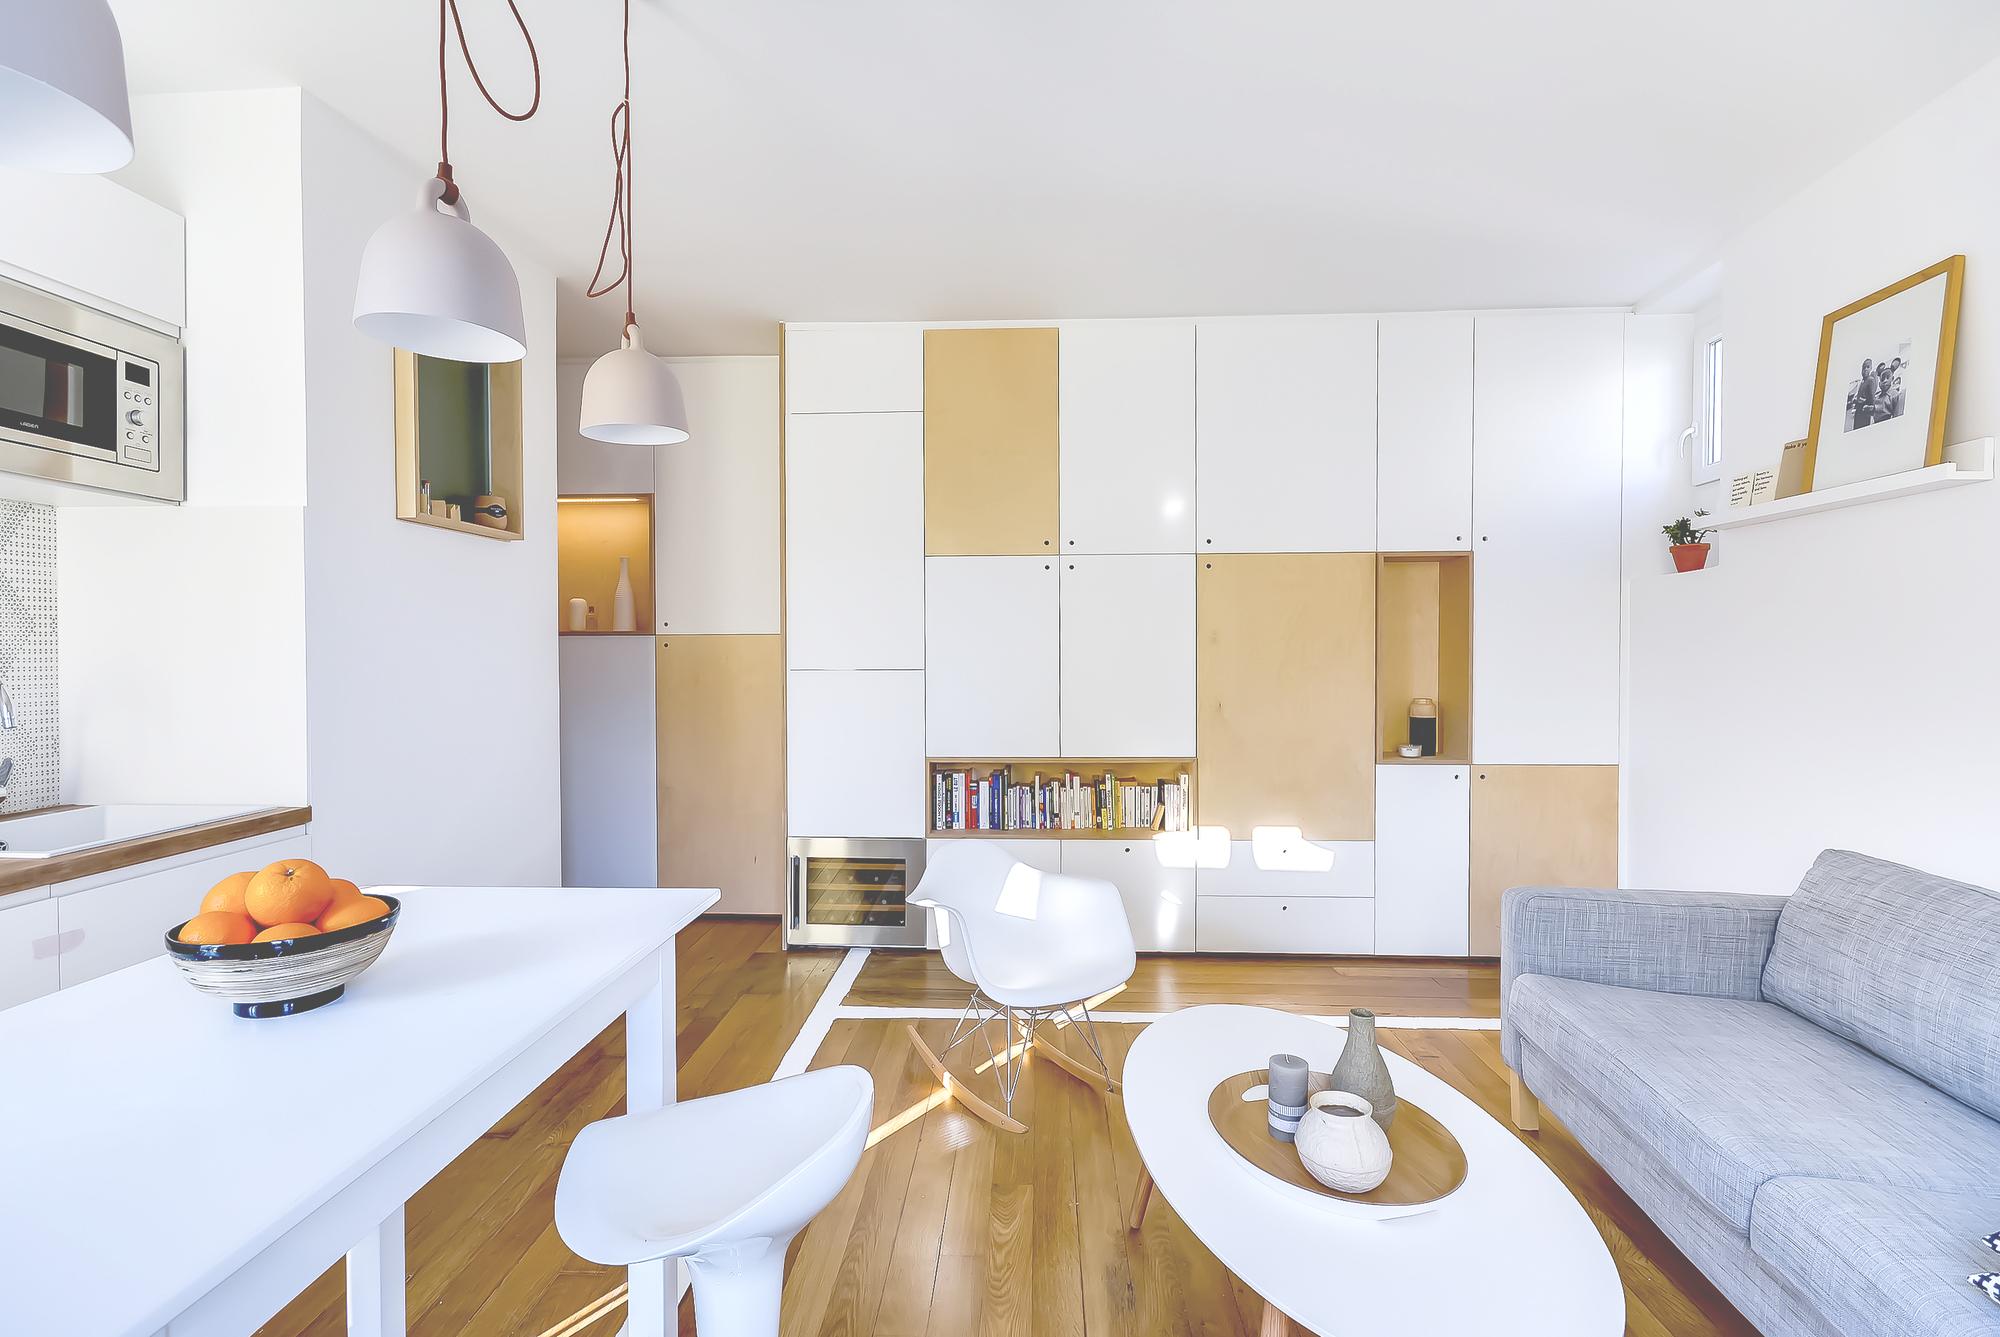 30m2 apartment in paris 3 30m2 Apartment in Paris